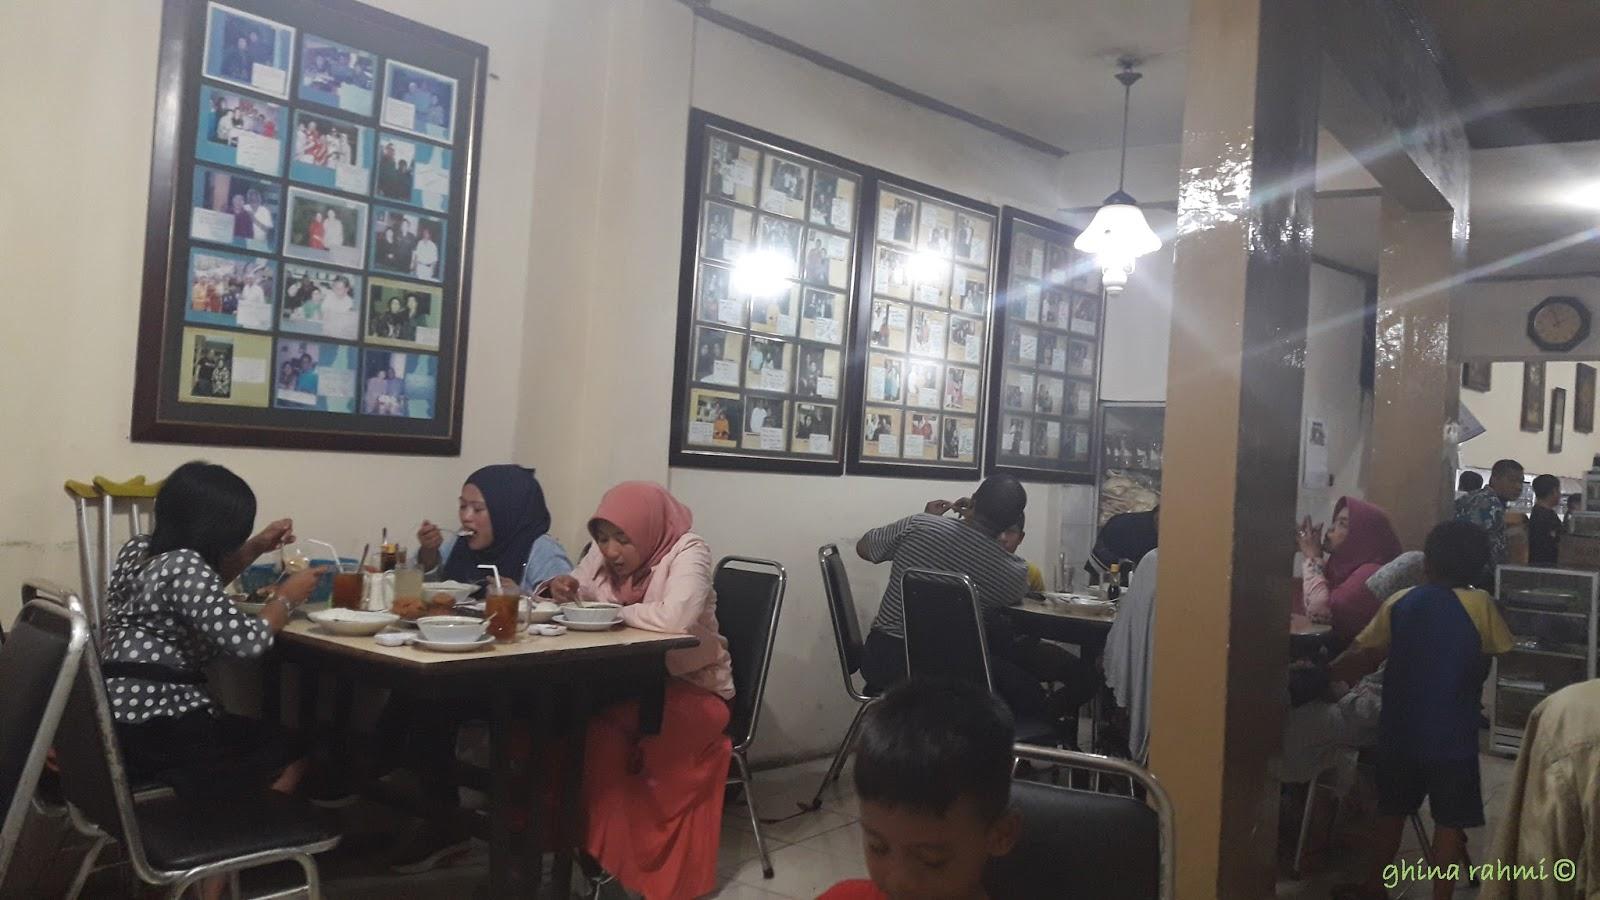 Rumah Makan Rawon Nguling Malang, Kota Malang, Dolan Dolen, Dolaners  Rumah Makan Rawon Nguling Malang via Ghina Rahmi - Dolan Dolen